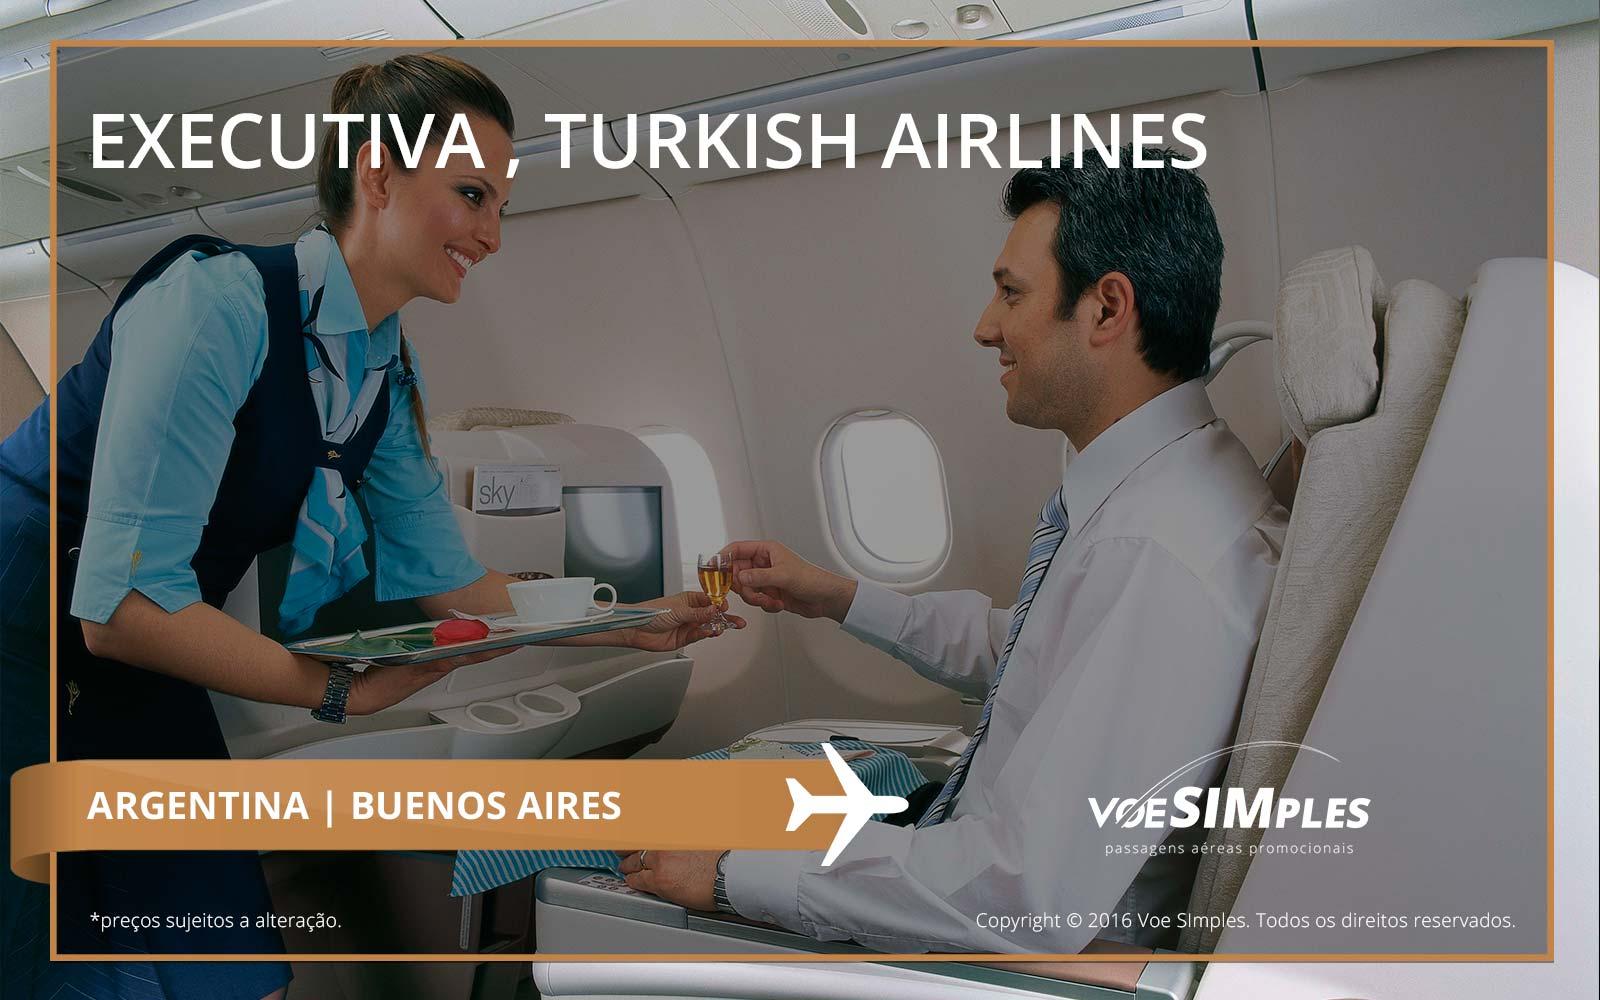 Passagem aérea classe executiva para Buenos Aires